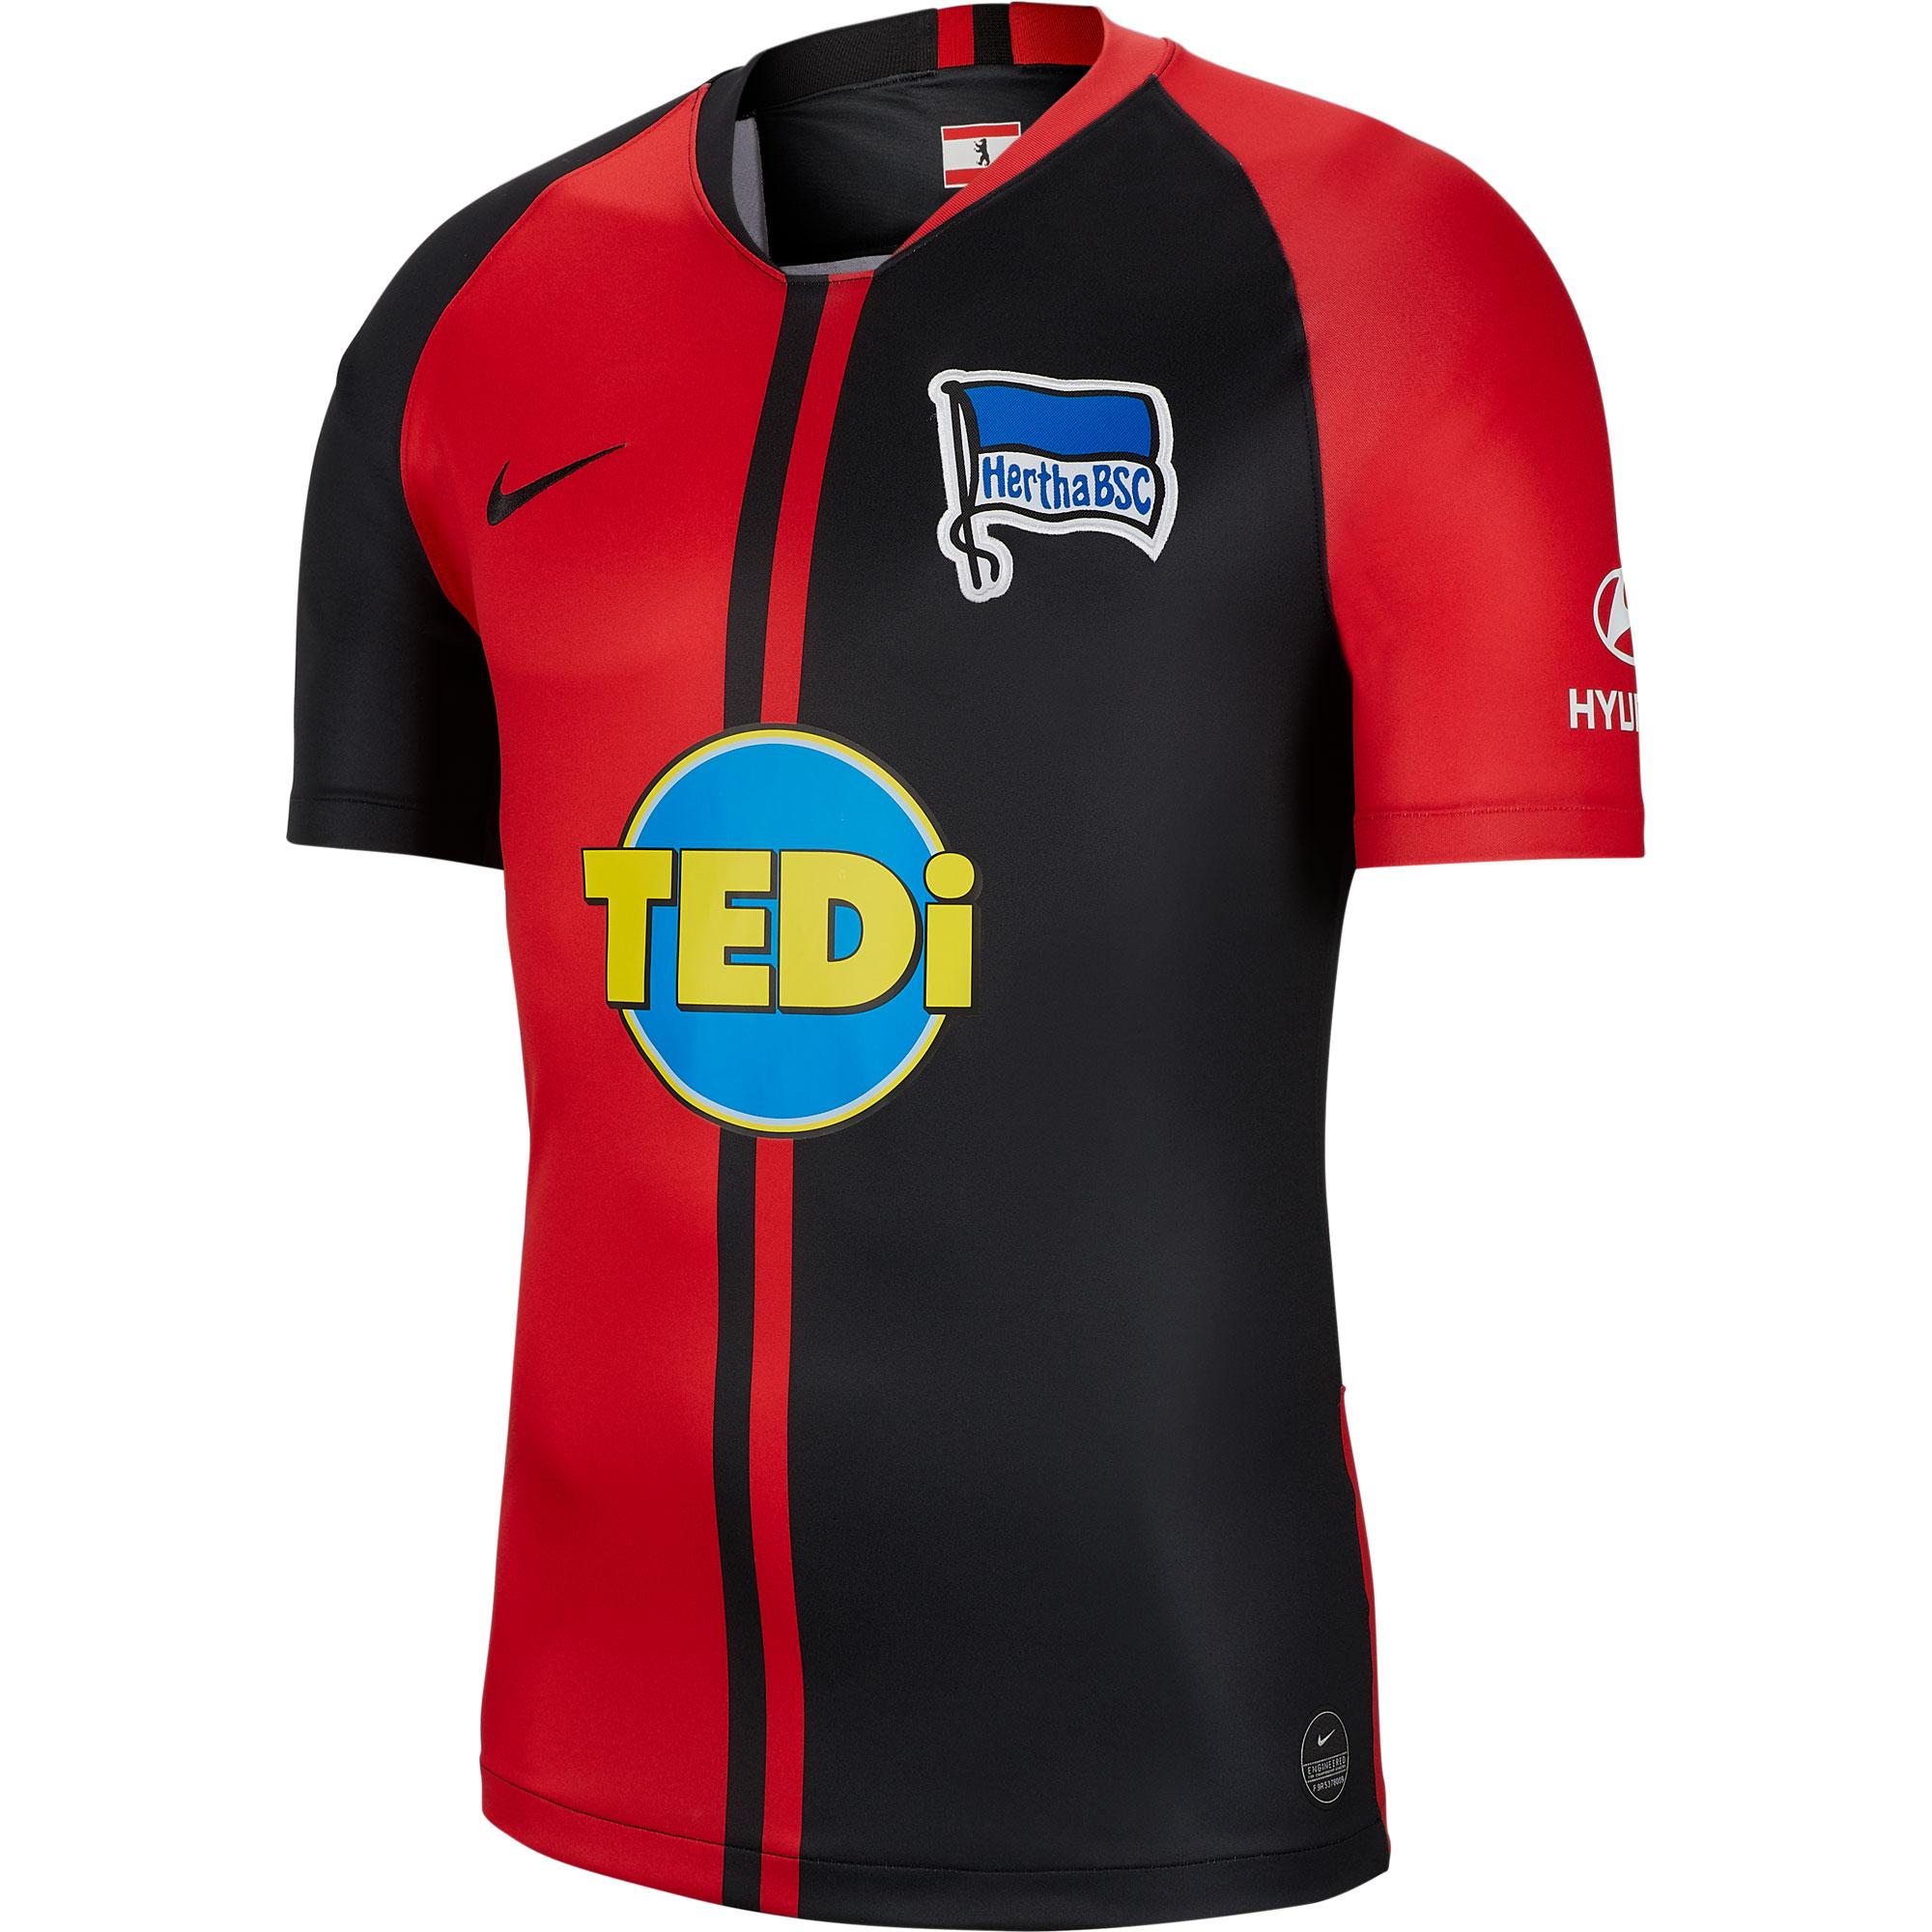 Nike Hertha Berlin Away Shirt 2019-2020